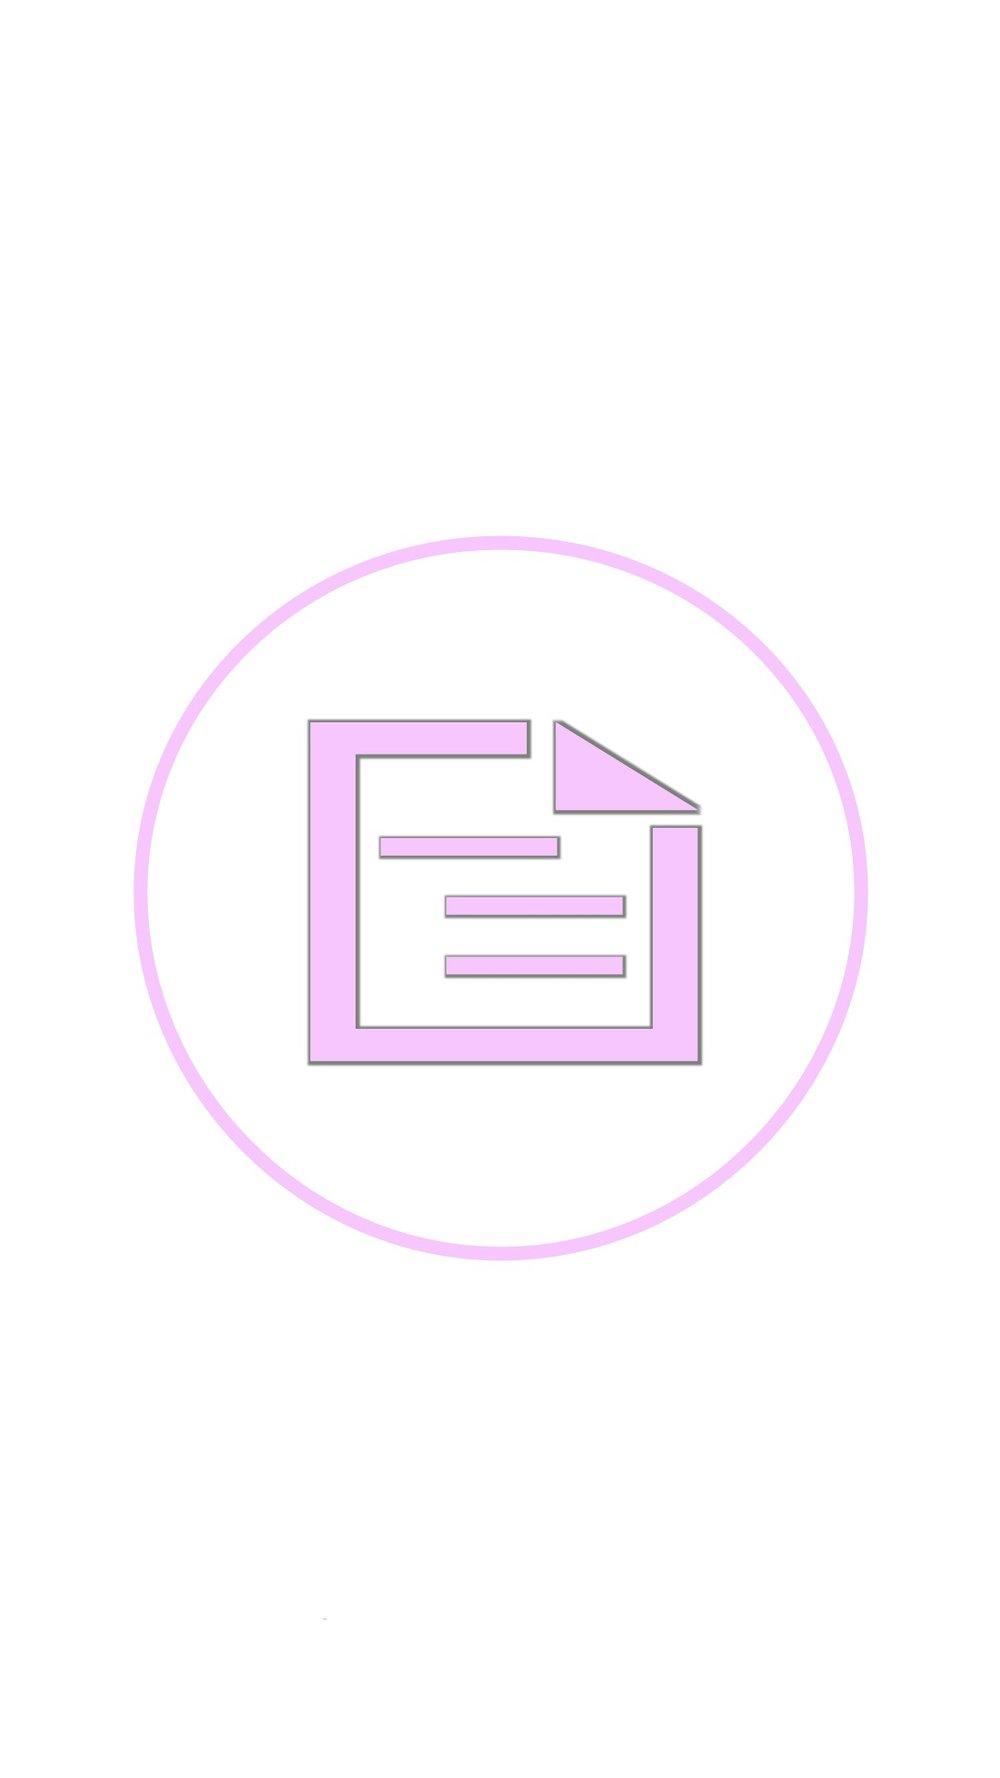 Instagram-cover-blogentry-pinkwhite-lotnotes.com.jpg